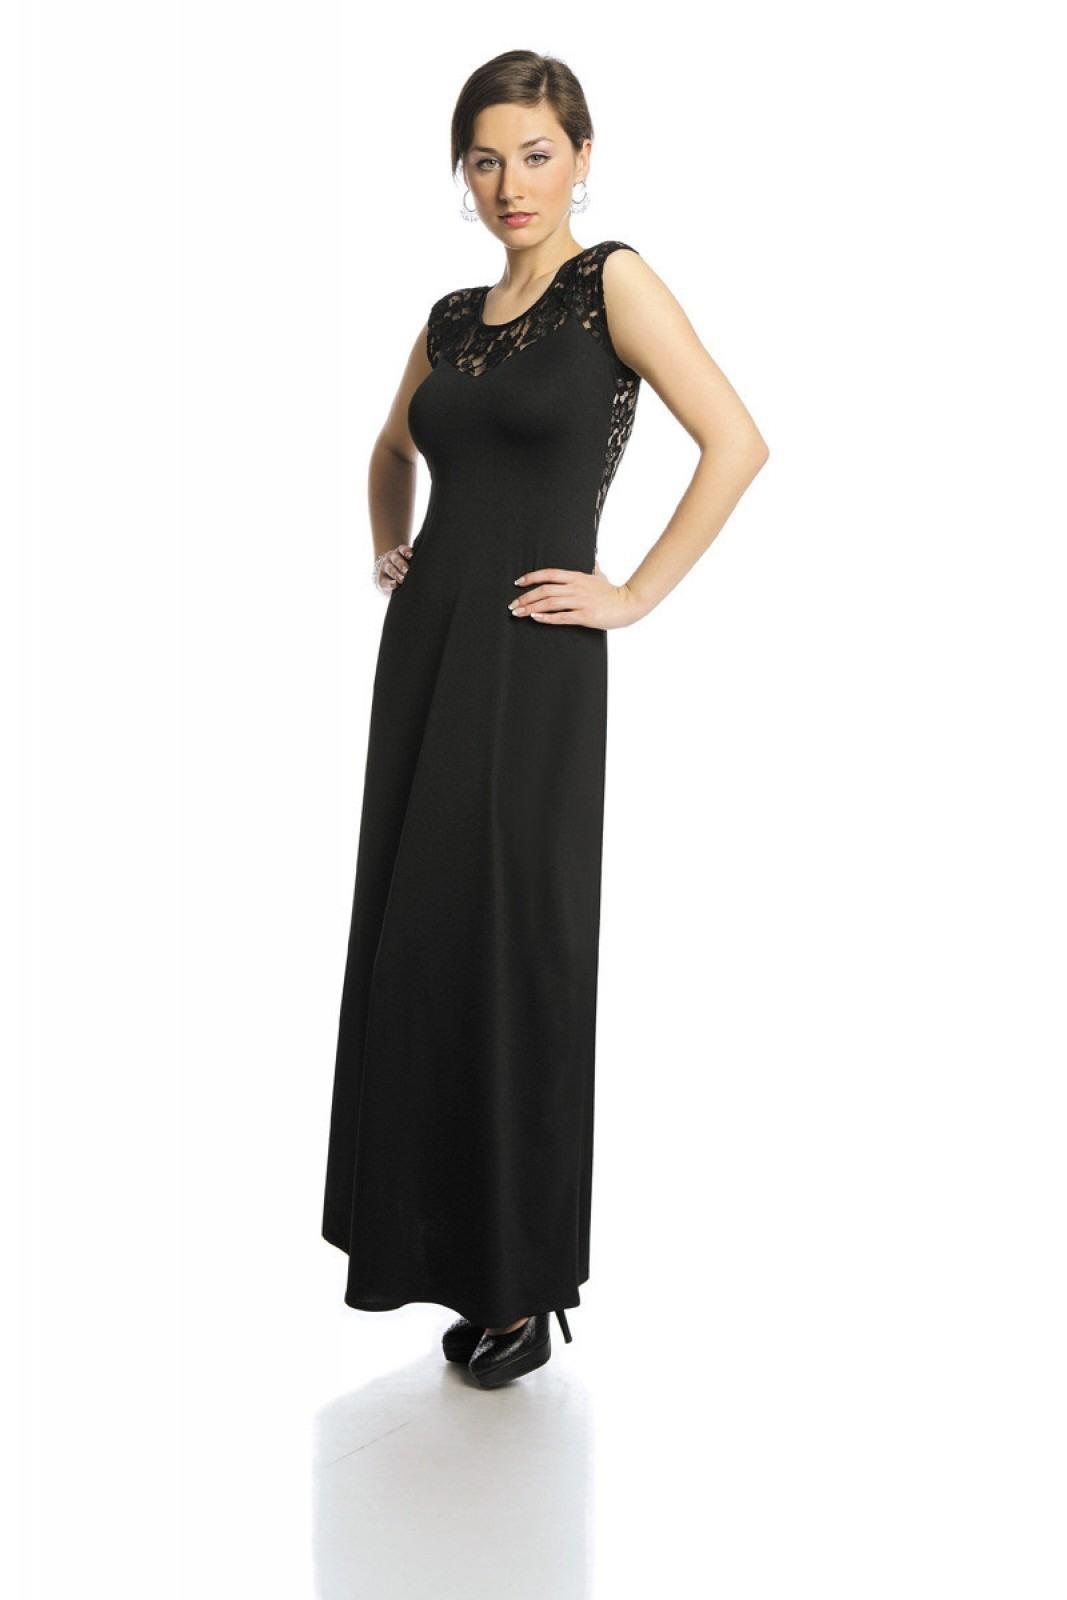 Abend Top Langes Abendkleid Schwarz für 2019 Spektakulär Langes Abendkleid Schwarz Stylish